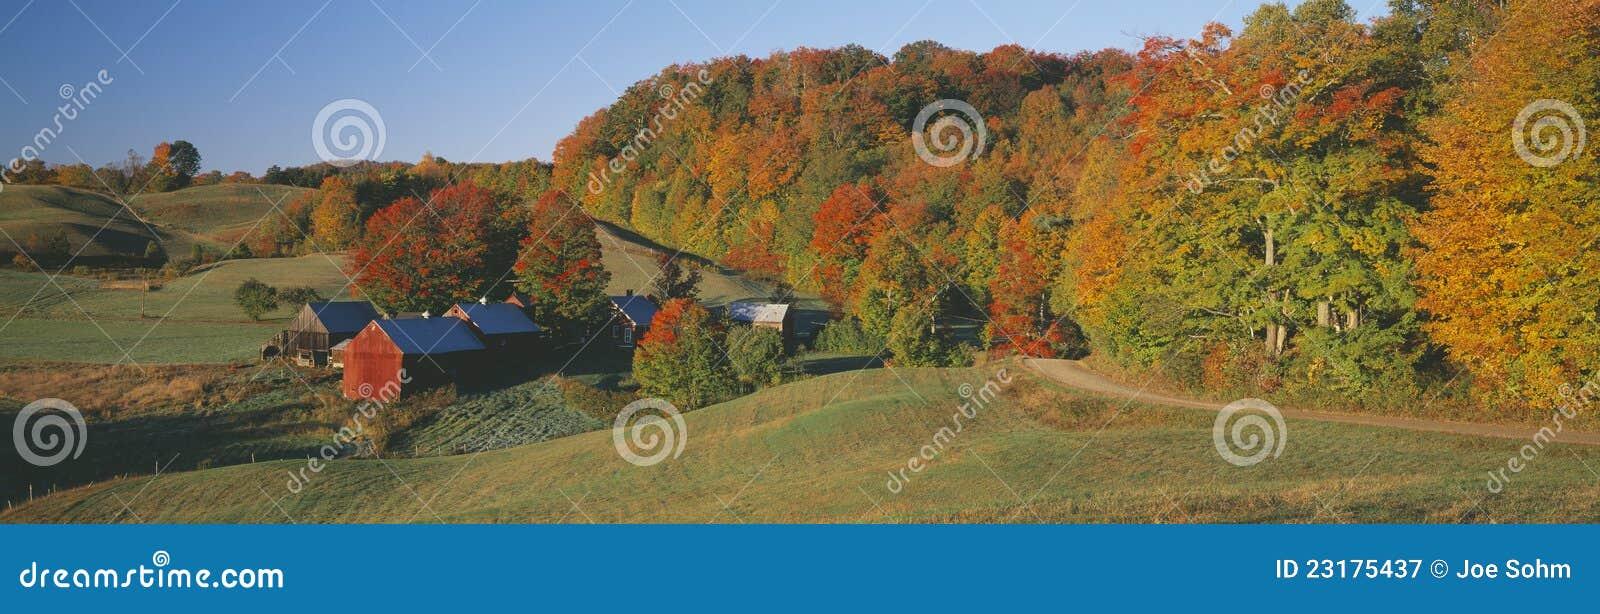 Azienda agricola nel sud di Woodstock